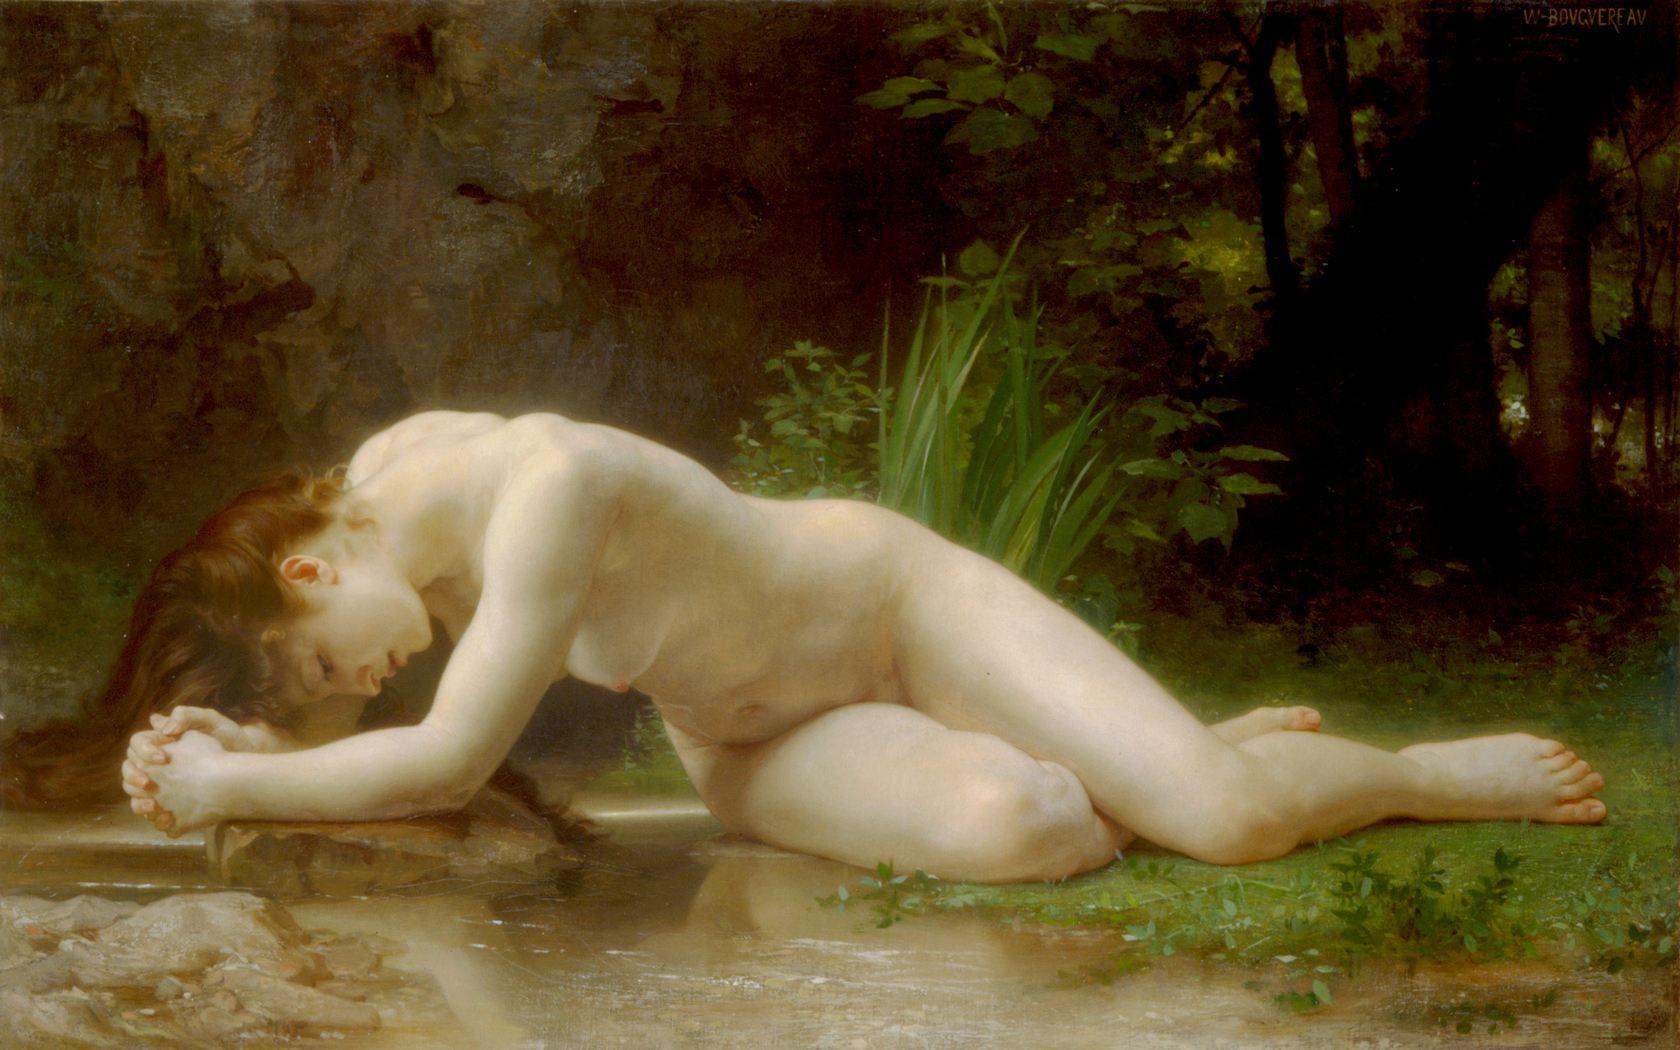 porno-v-reke-istoriy